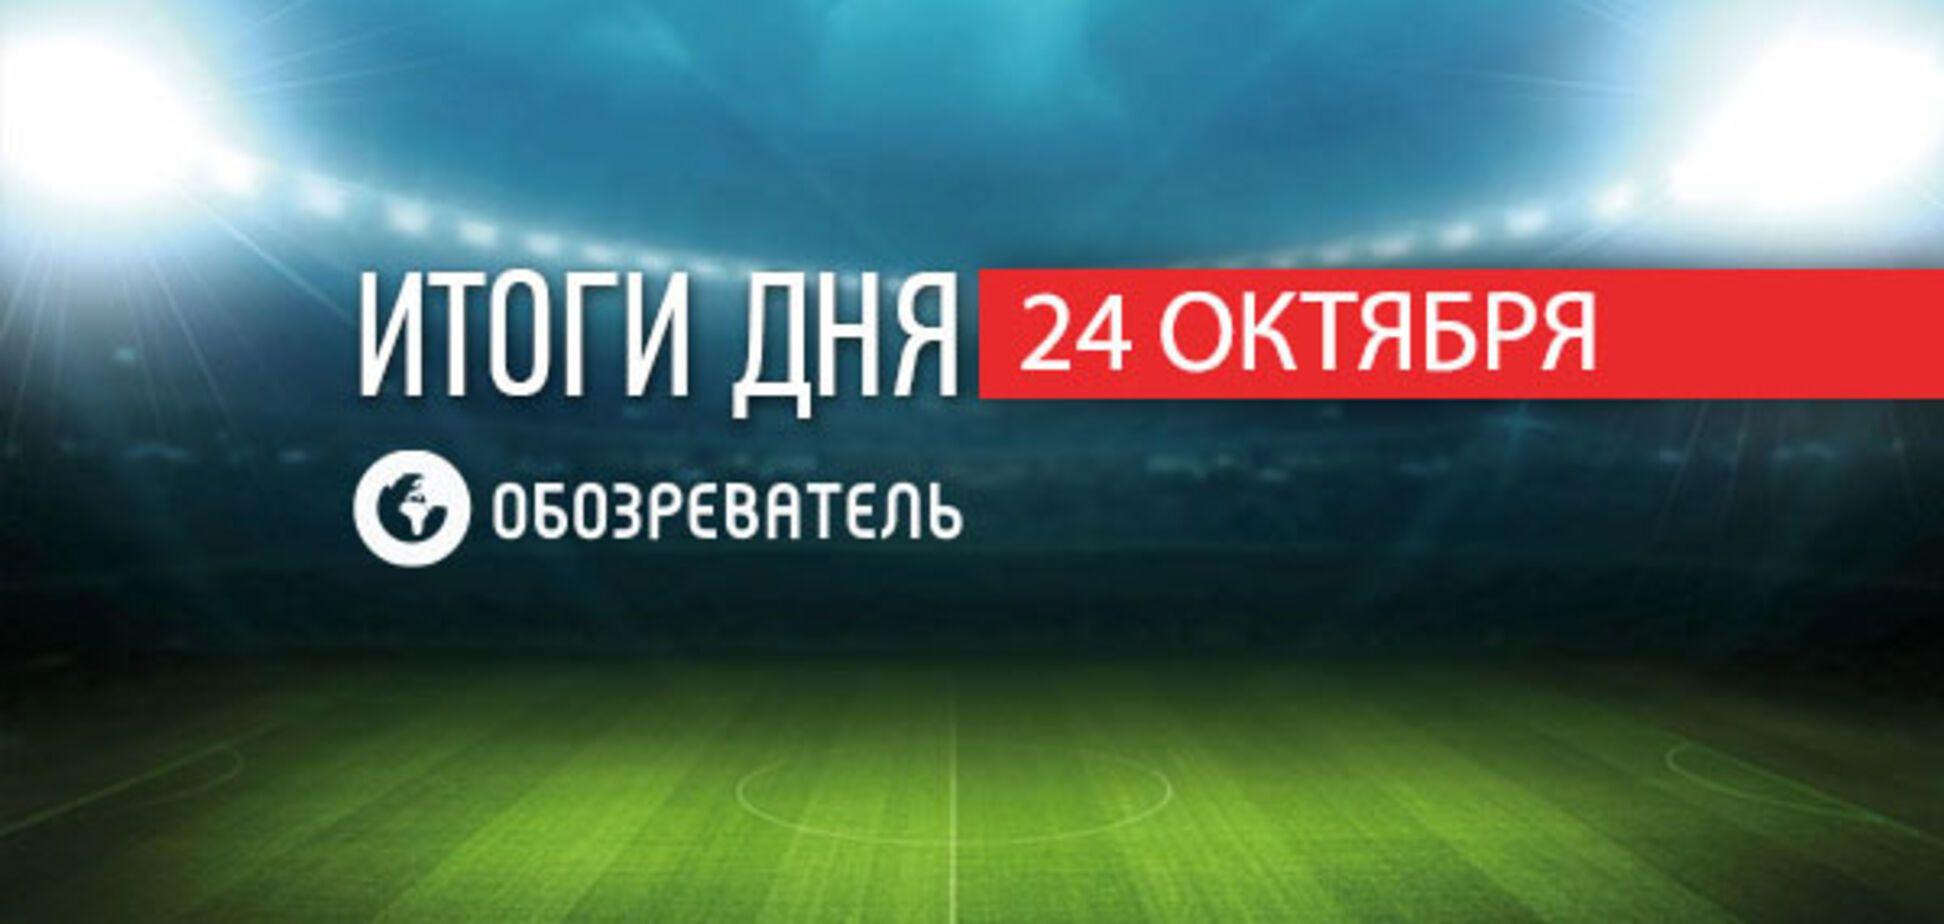 Украинцы угодили в кровавое месиво в Риме: спортивные итоги 24 октября